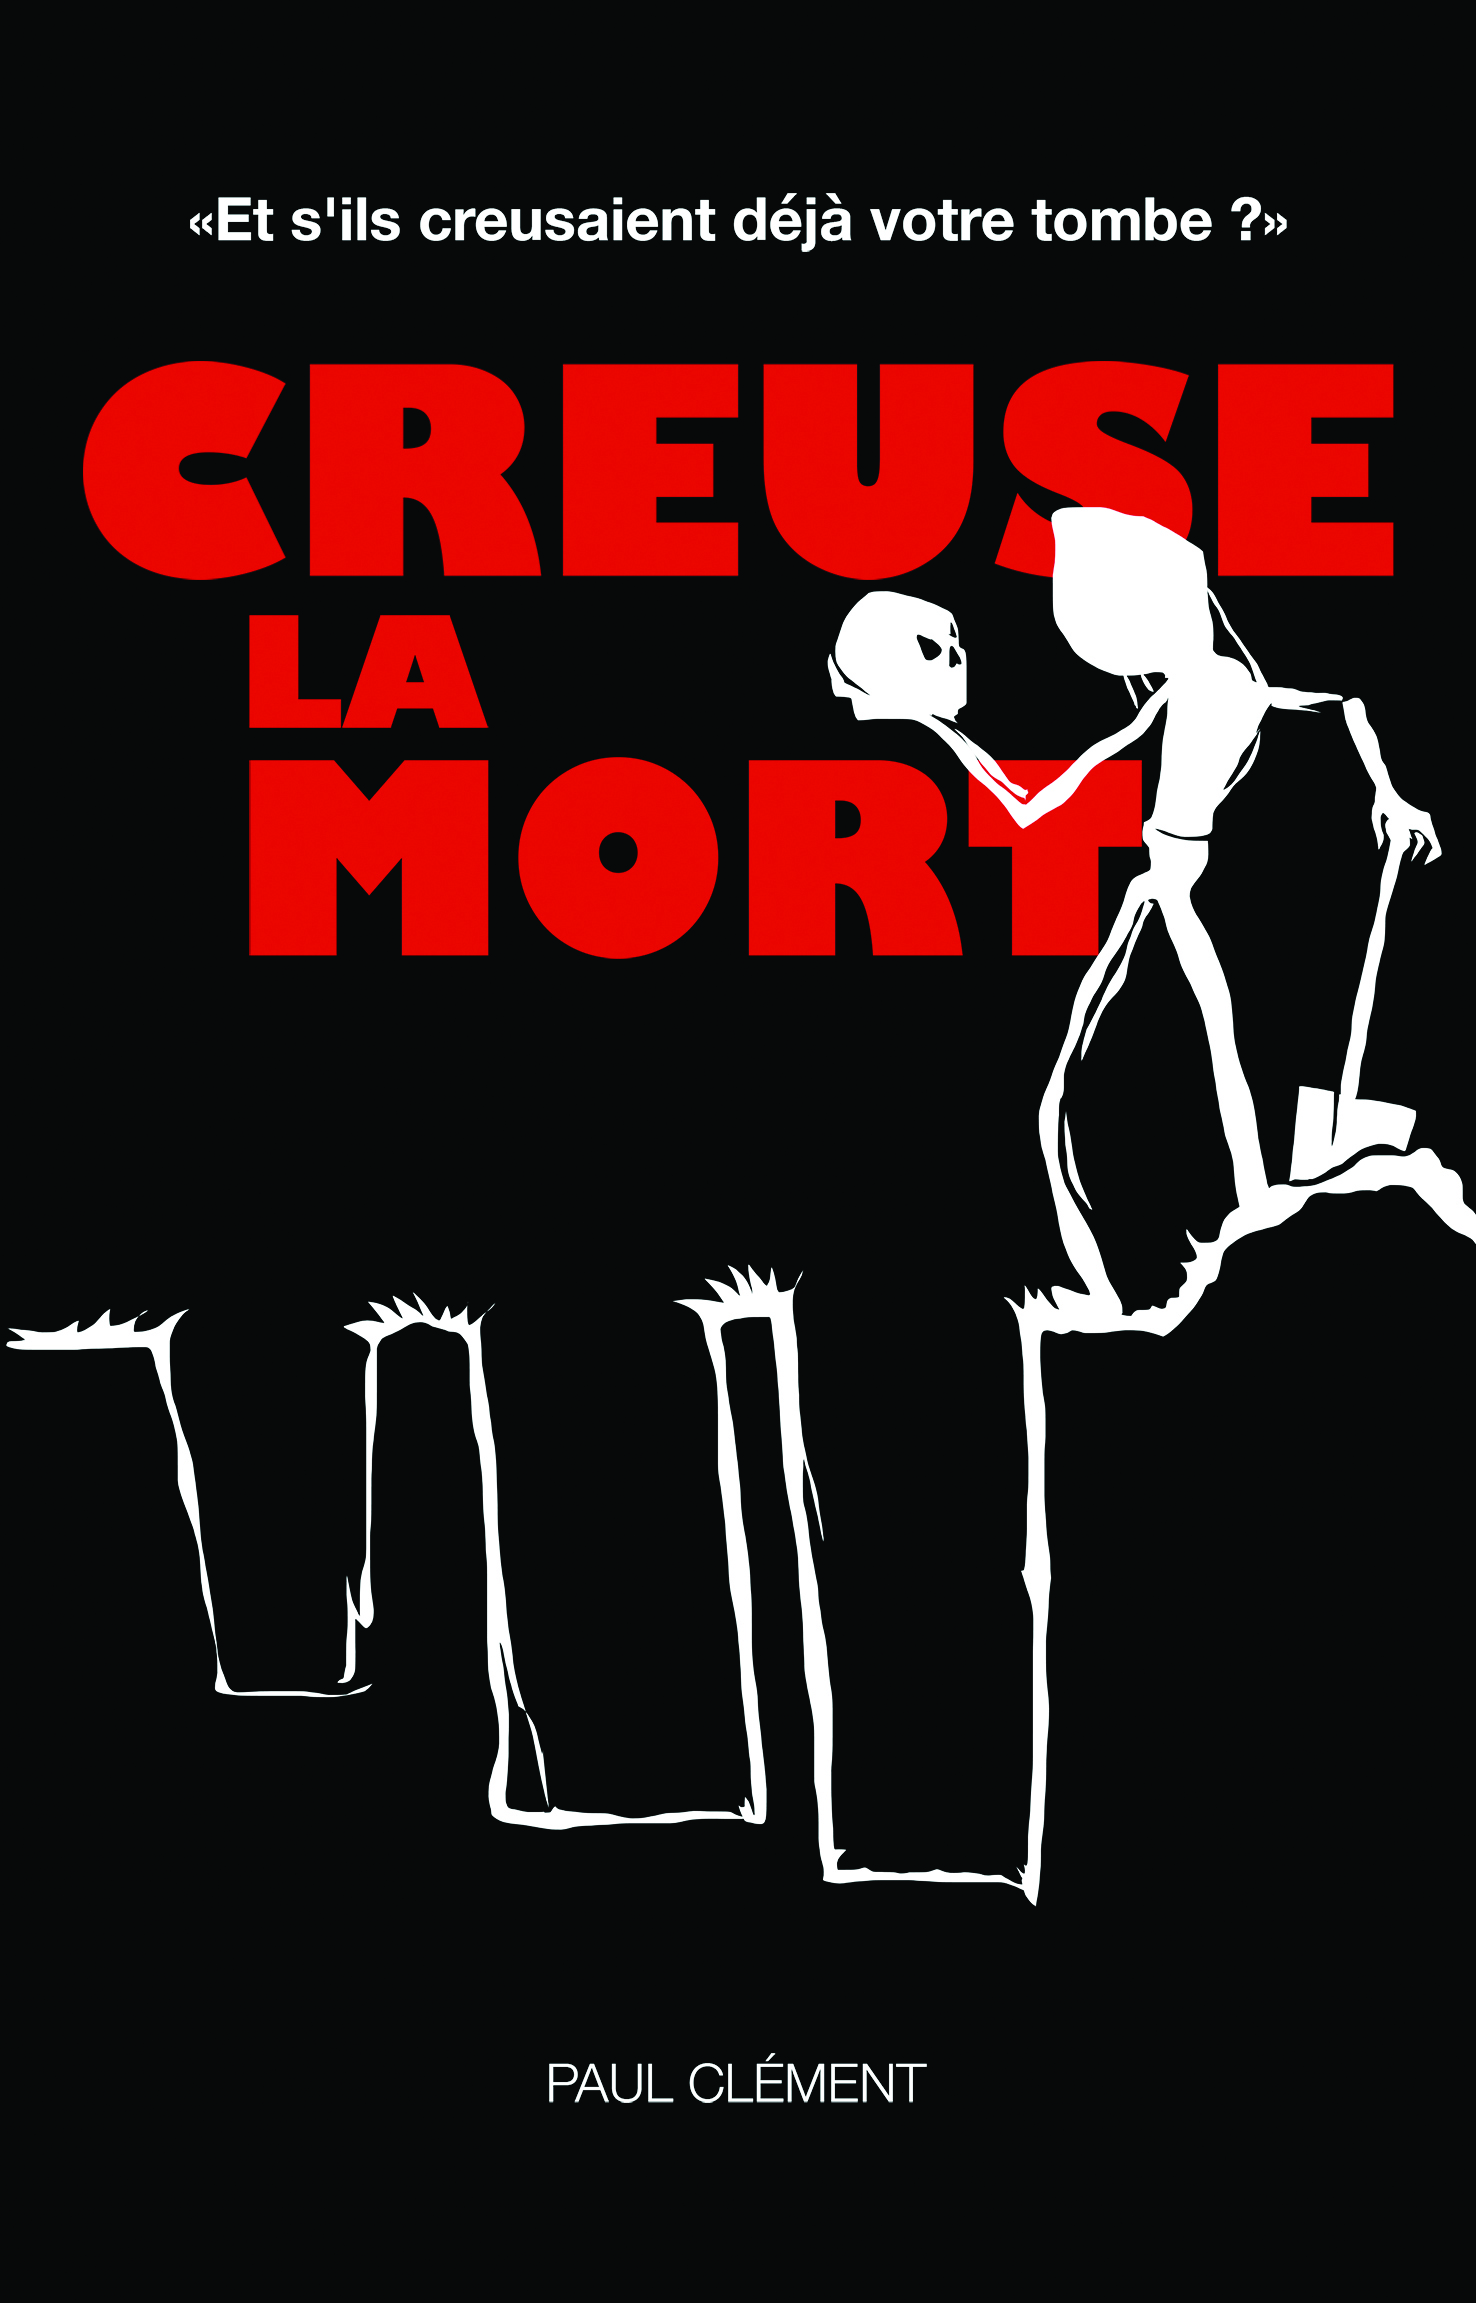 CREUSE LA MORT